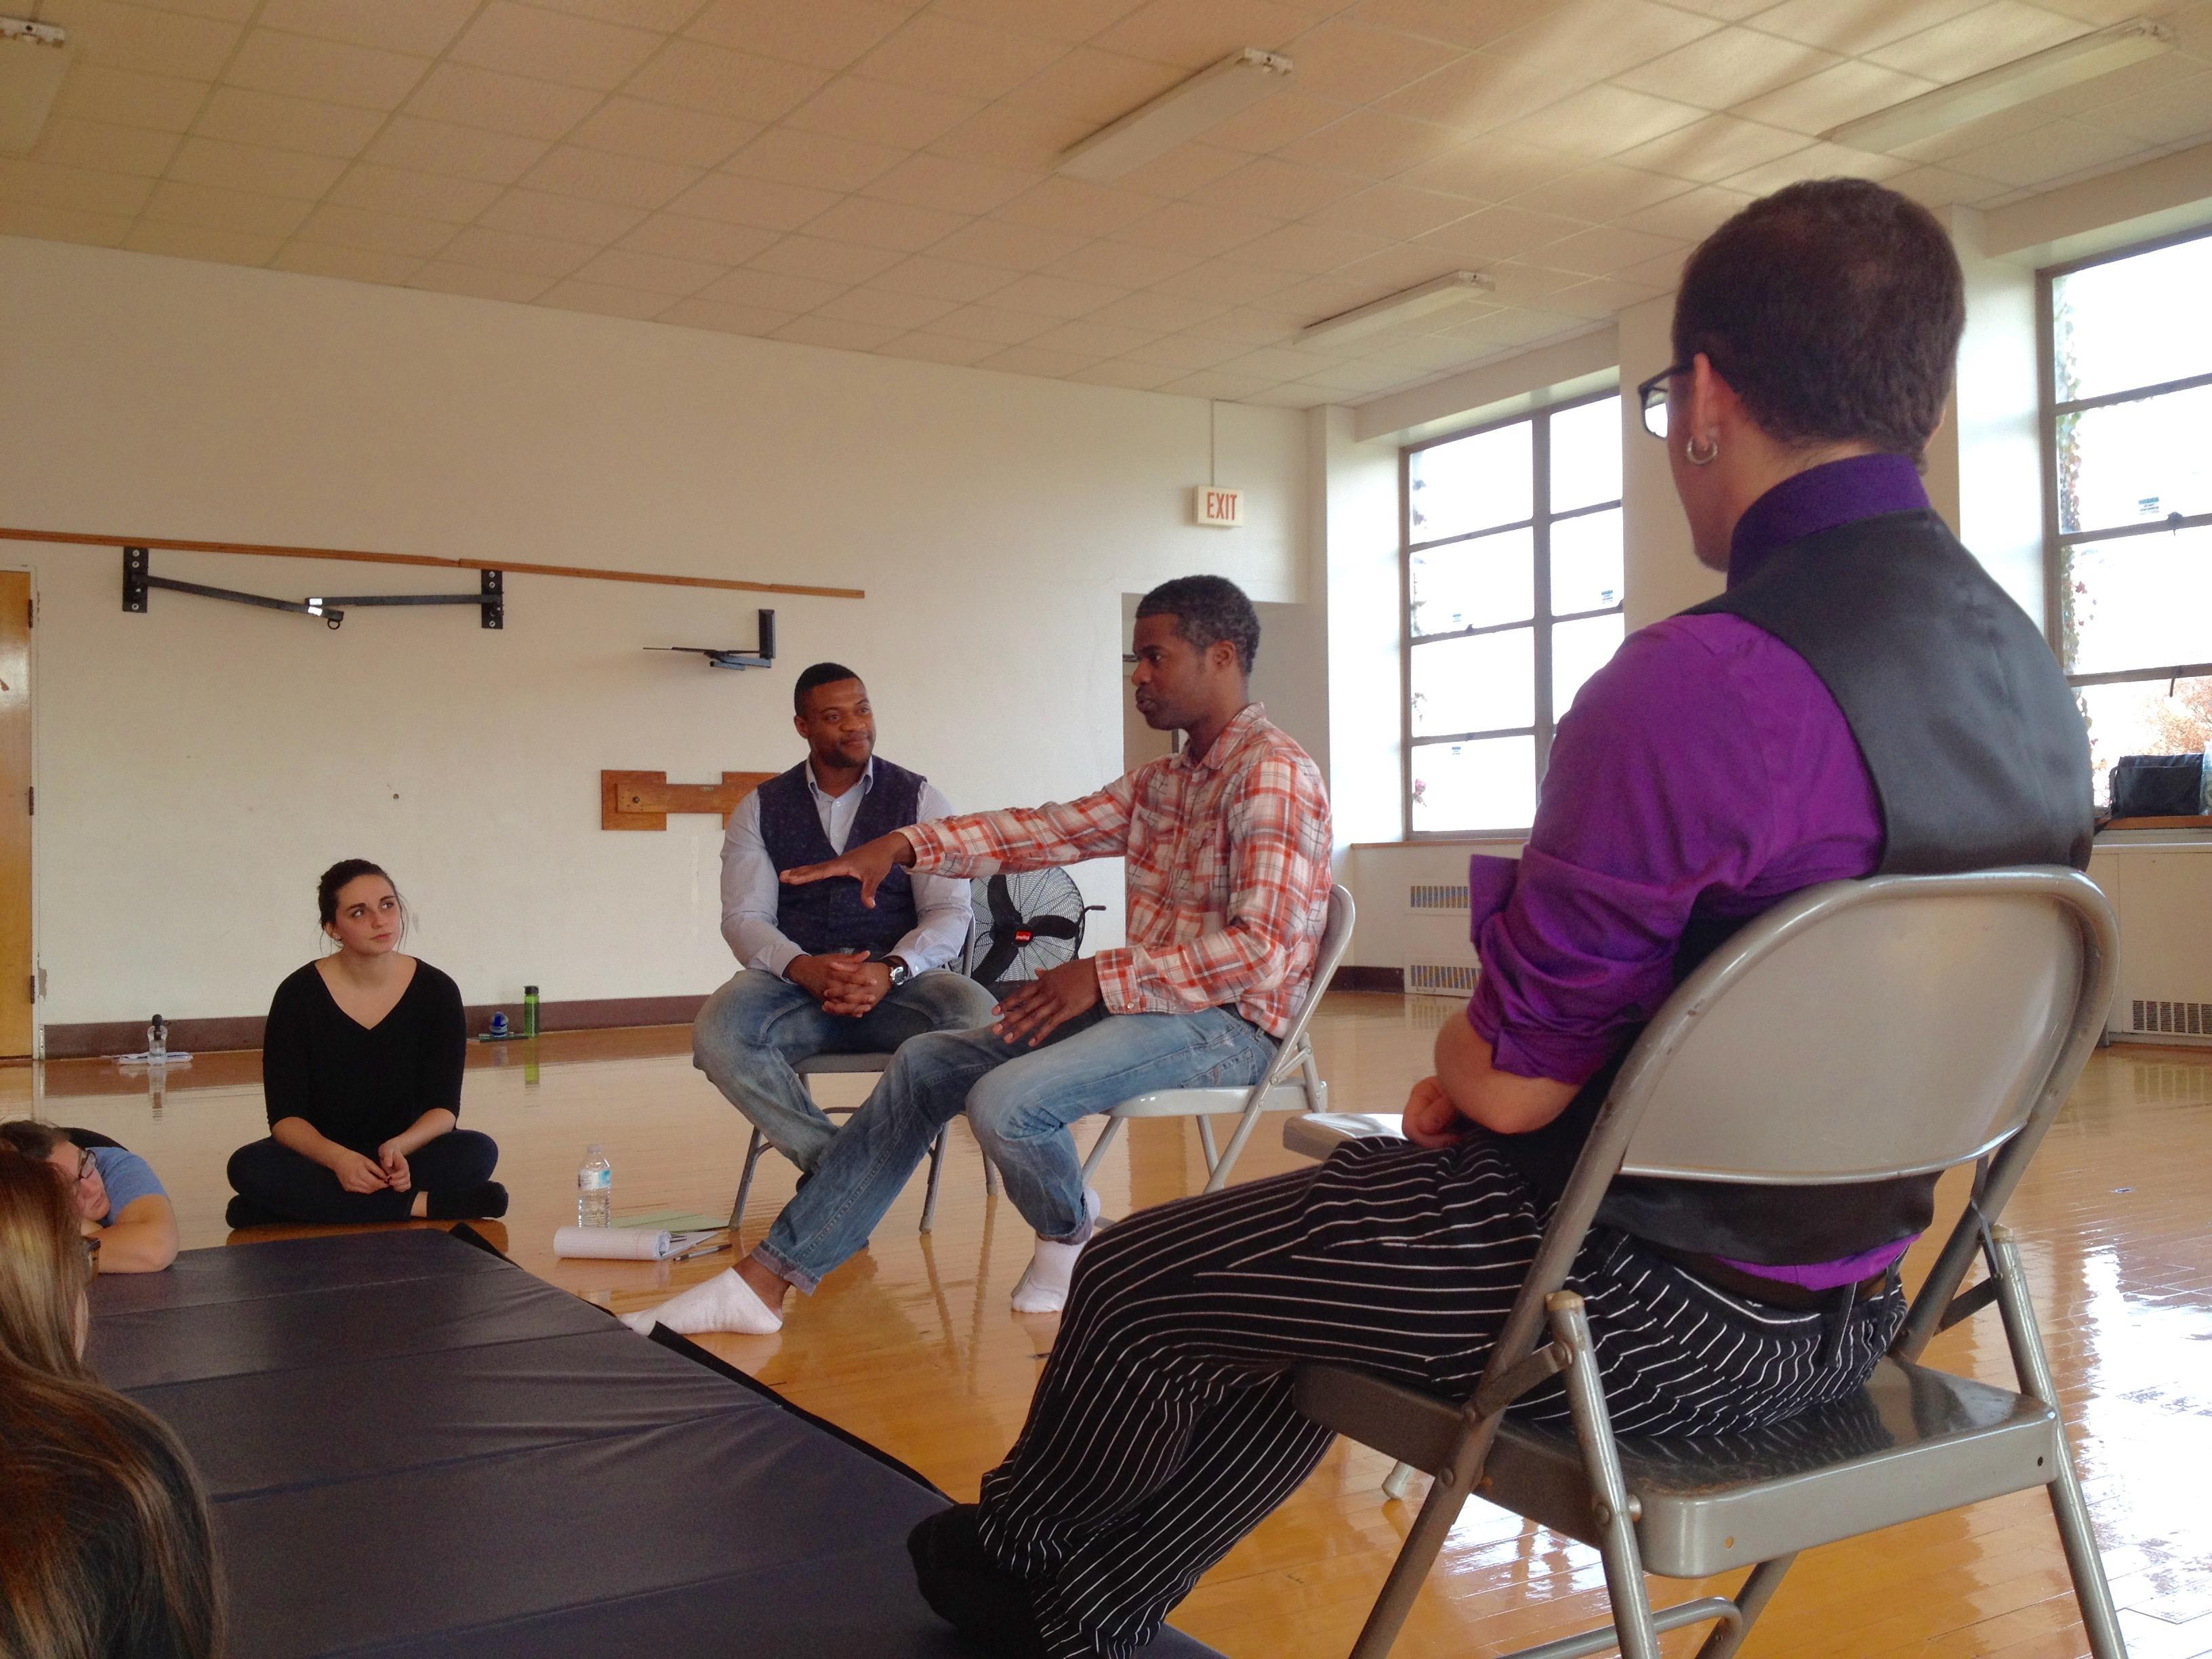 Jimonn Cole in theatre class